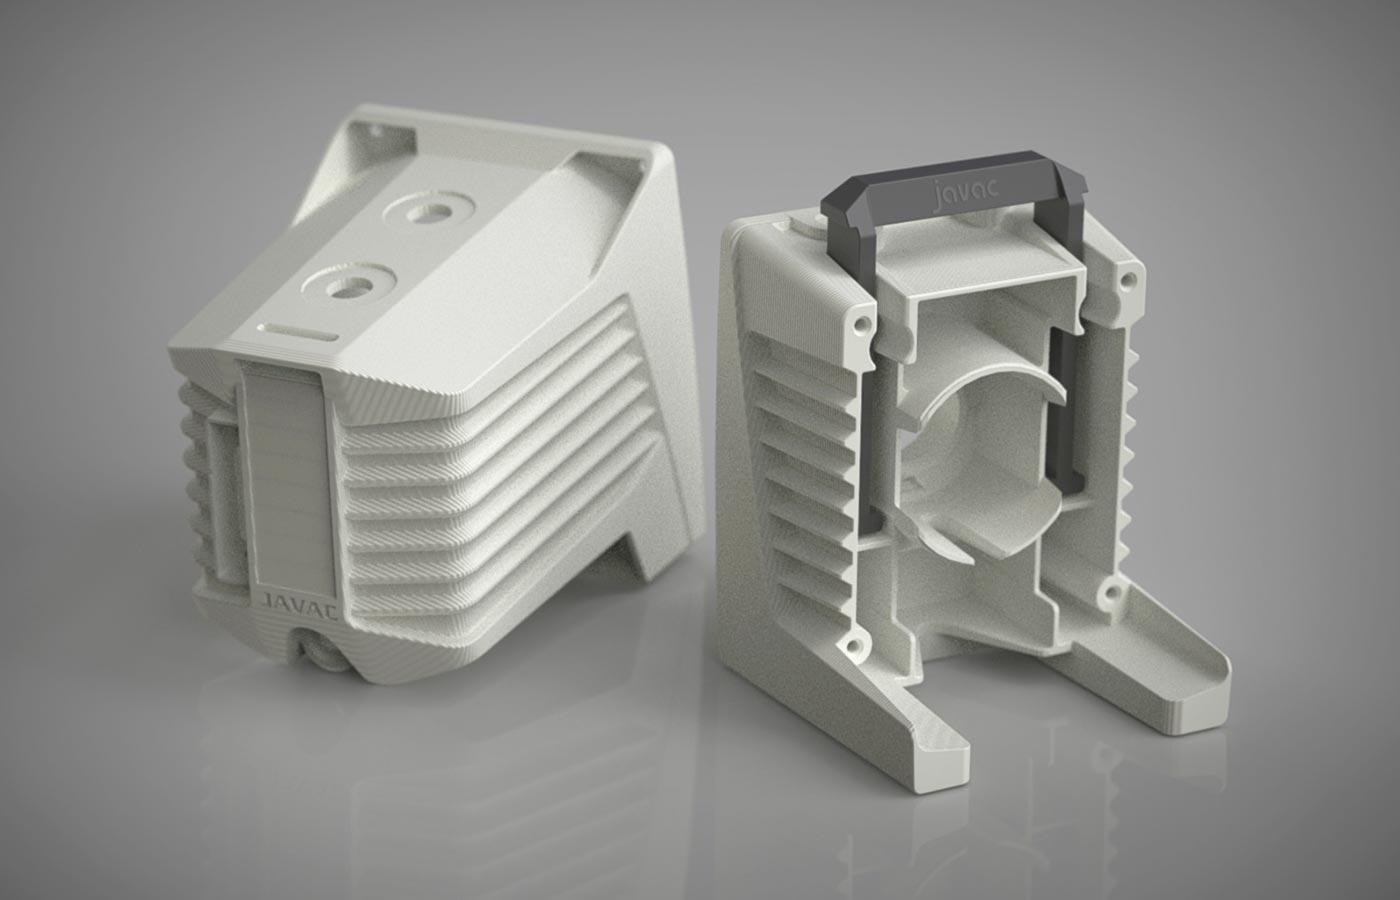 Prototype aluminium casting design